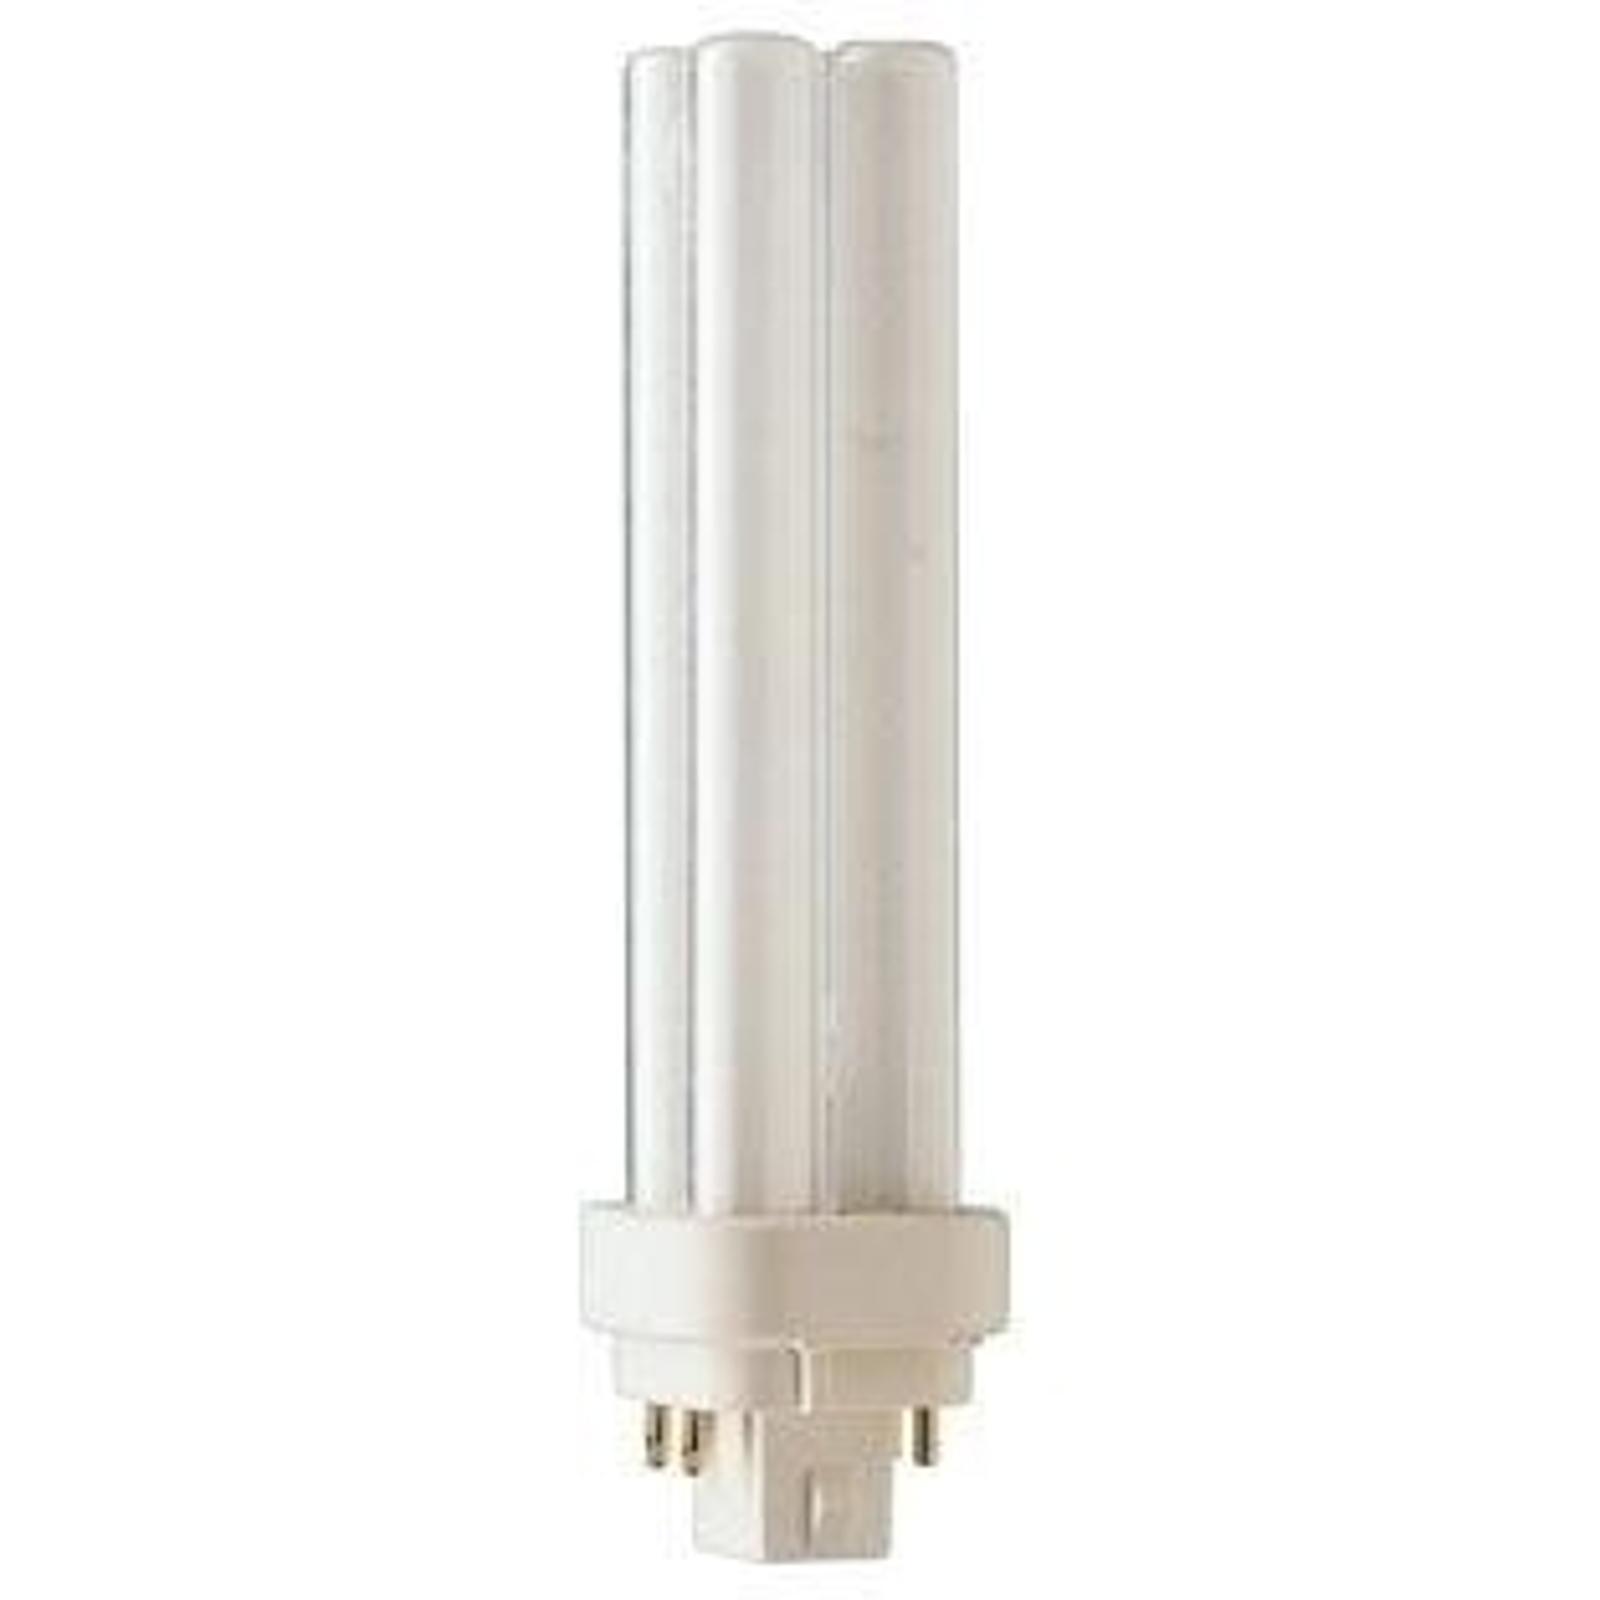 G24q Kompaktleuchtstofflampe Master PL-C 4Pin 26W